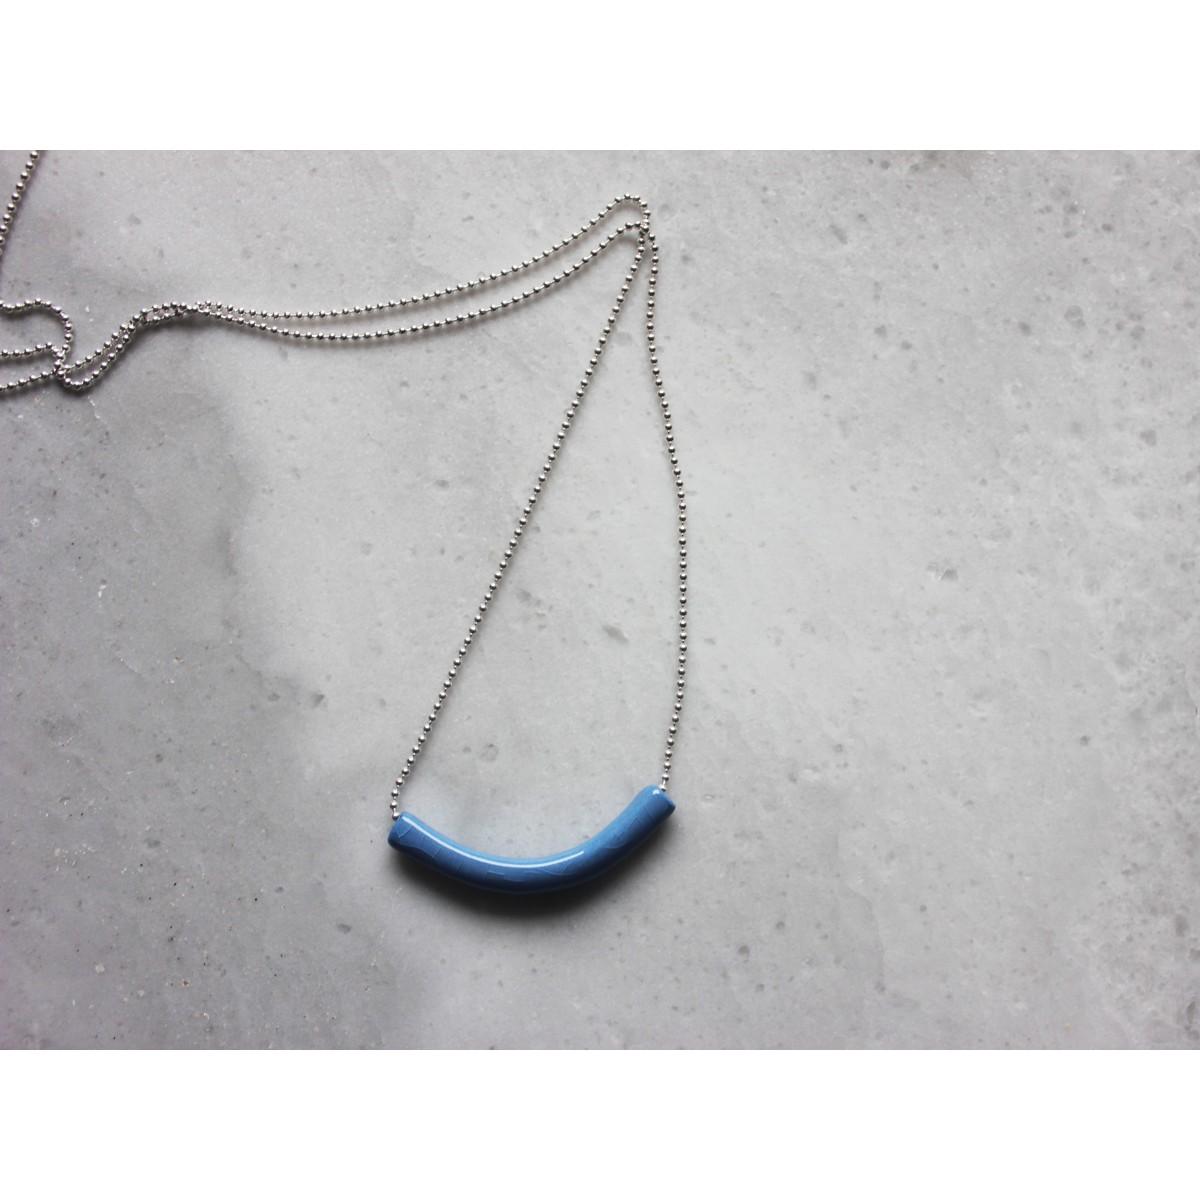 Skelini - Kobalt blau Porzellananhänger an einer Silberkette